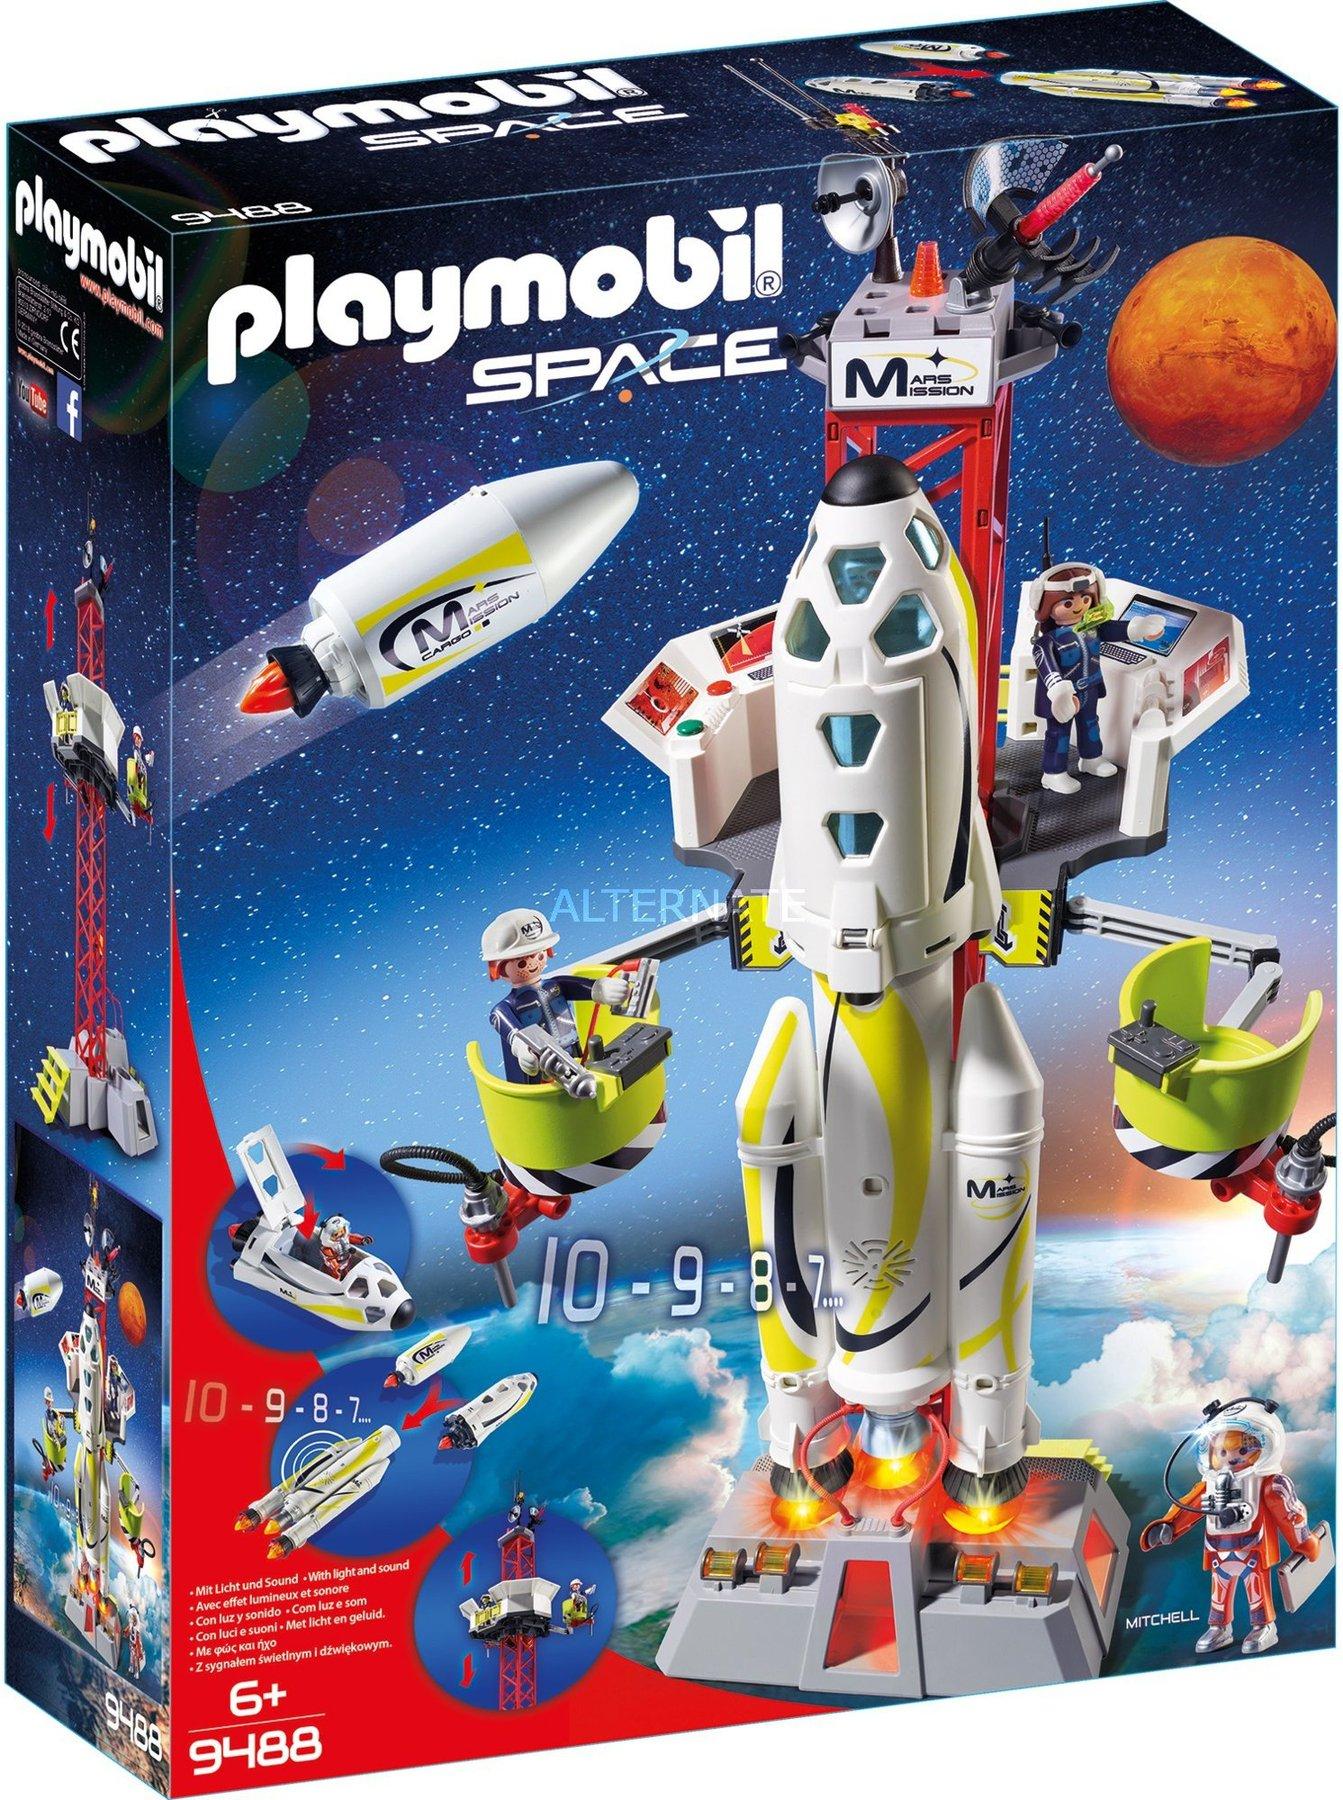 Playmobil Space Mars Rakete Mit Startrampe 9488